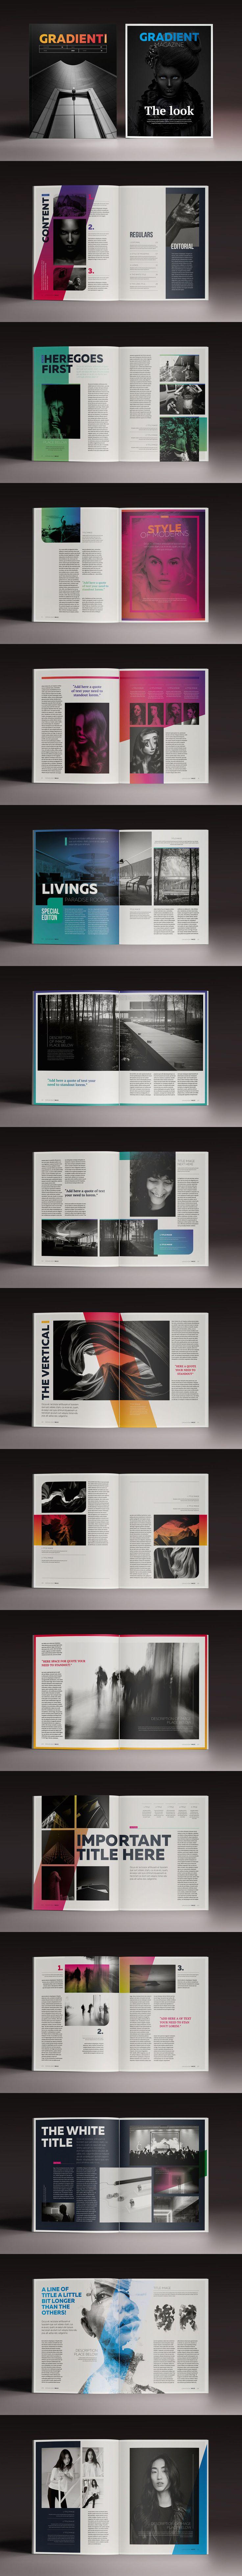 108 besten Magazine Layout Bilder auf Pinterest | Editorial design ...